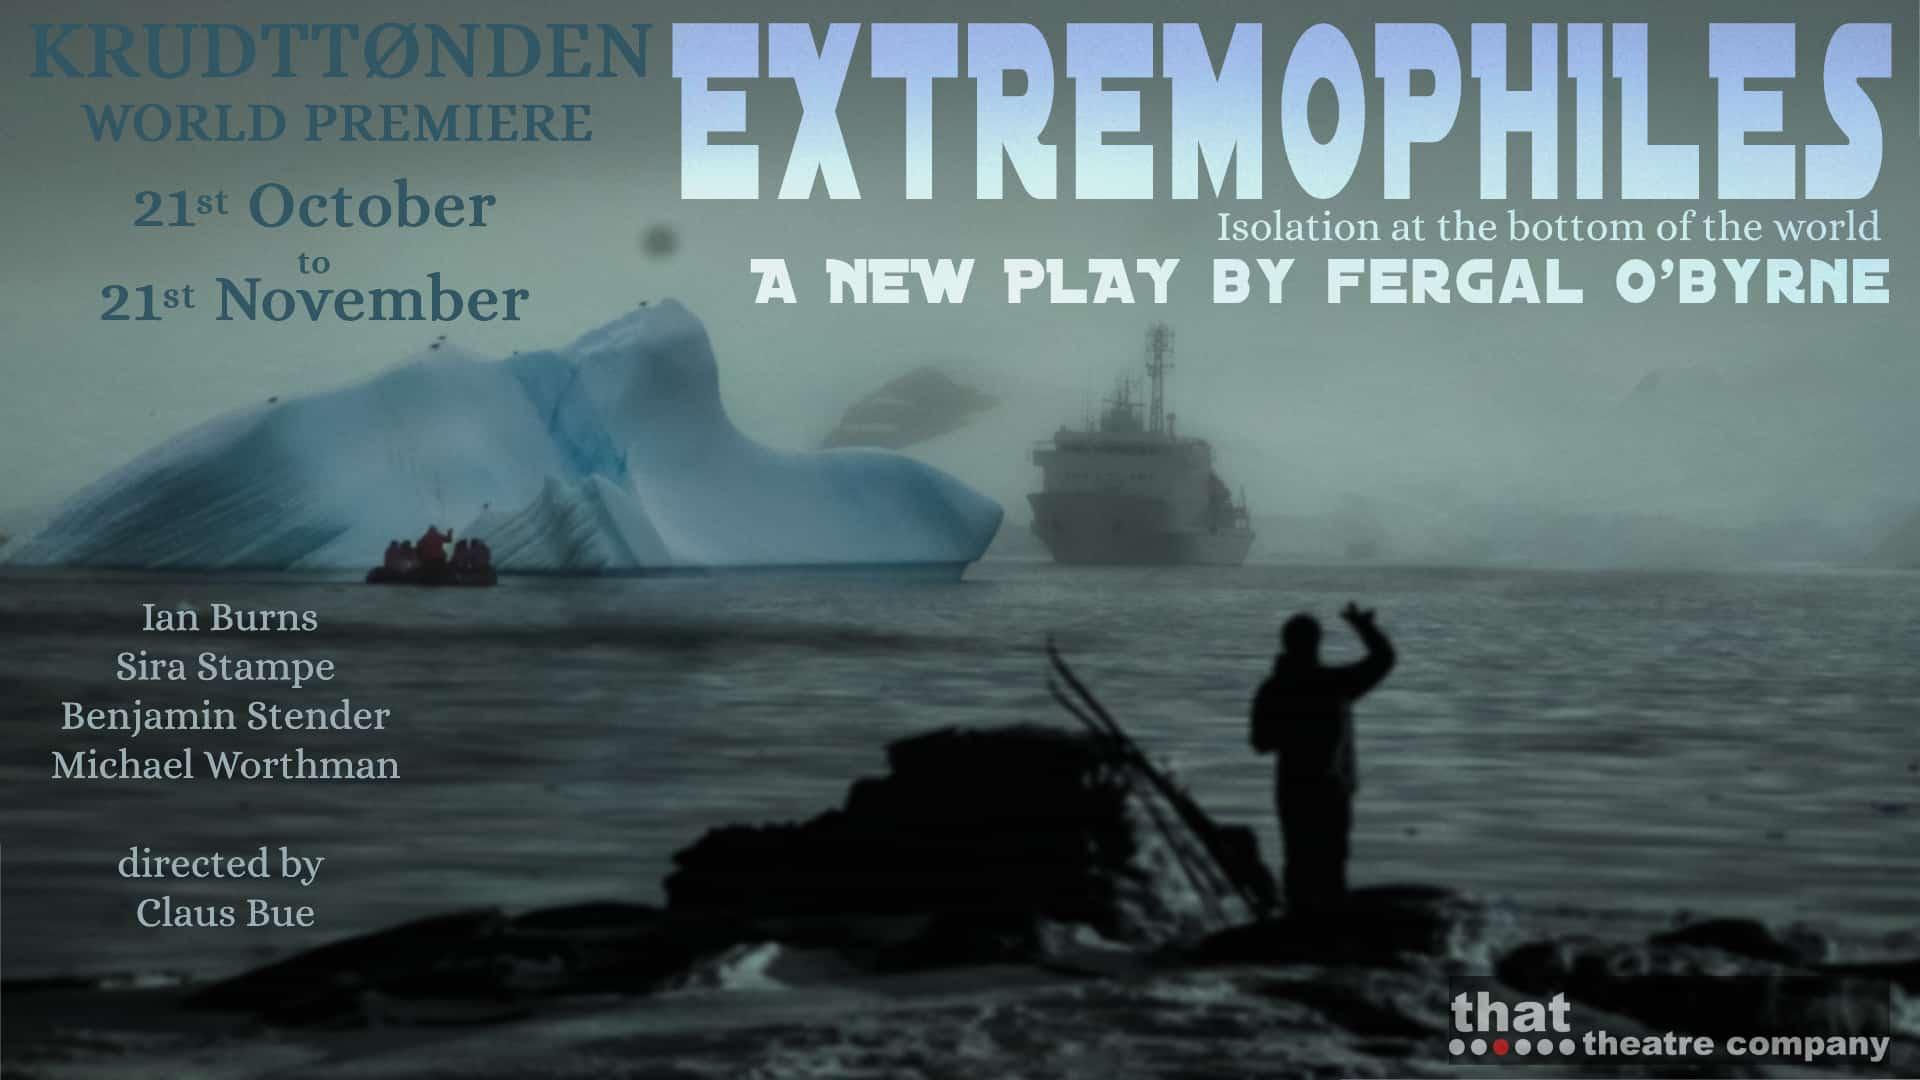 EXTREMOPHILES på That Theatre Company i København.